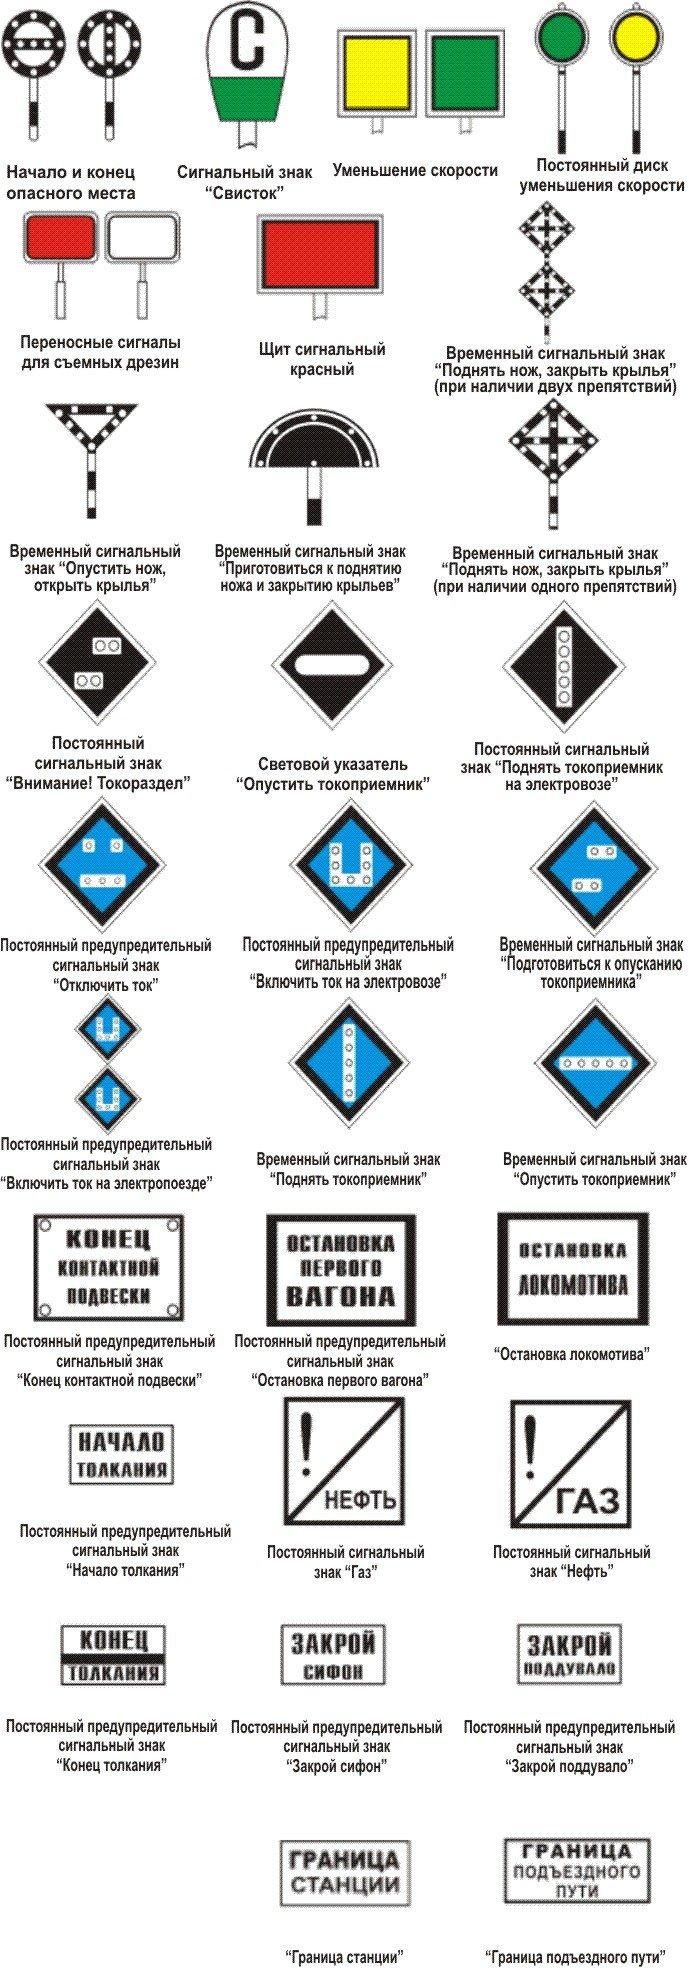 Знаки путевые и знаки сигнальные для железных дорог